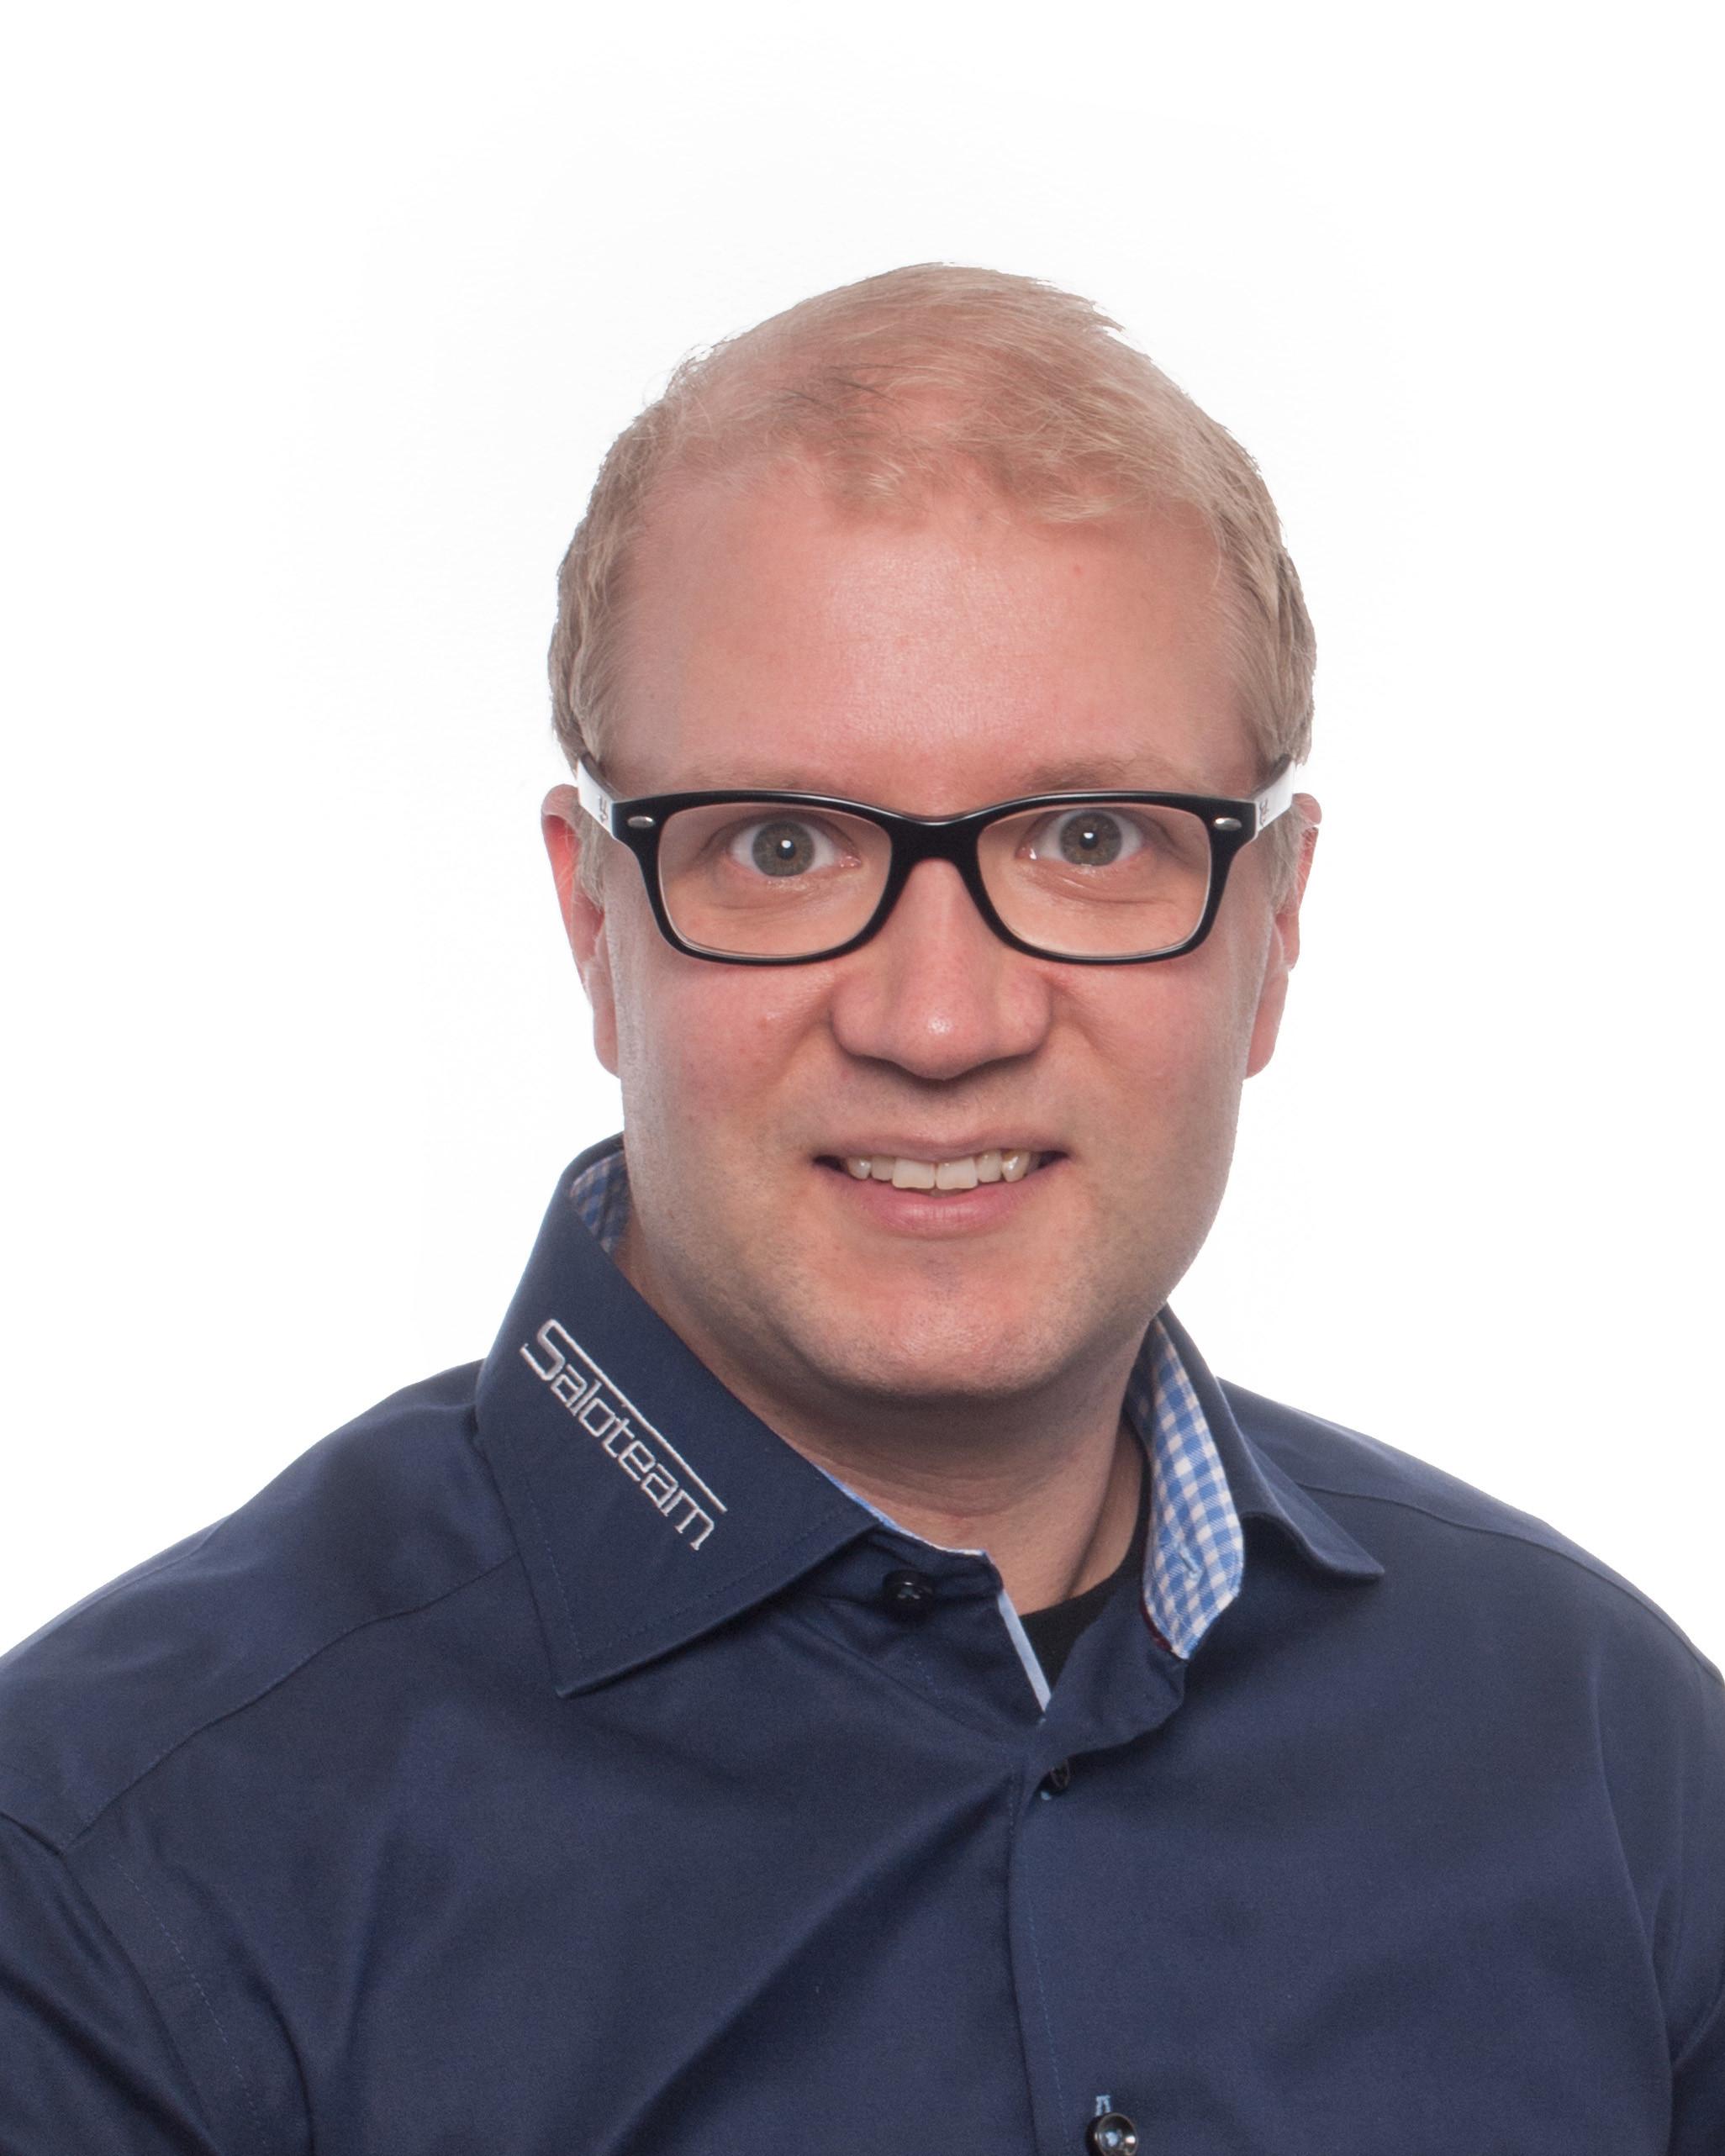 Pekka Heinonen